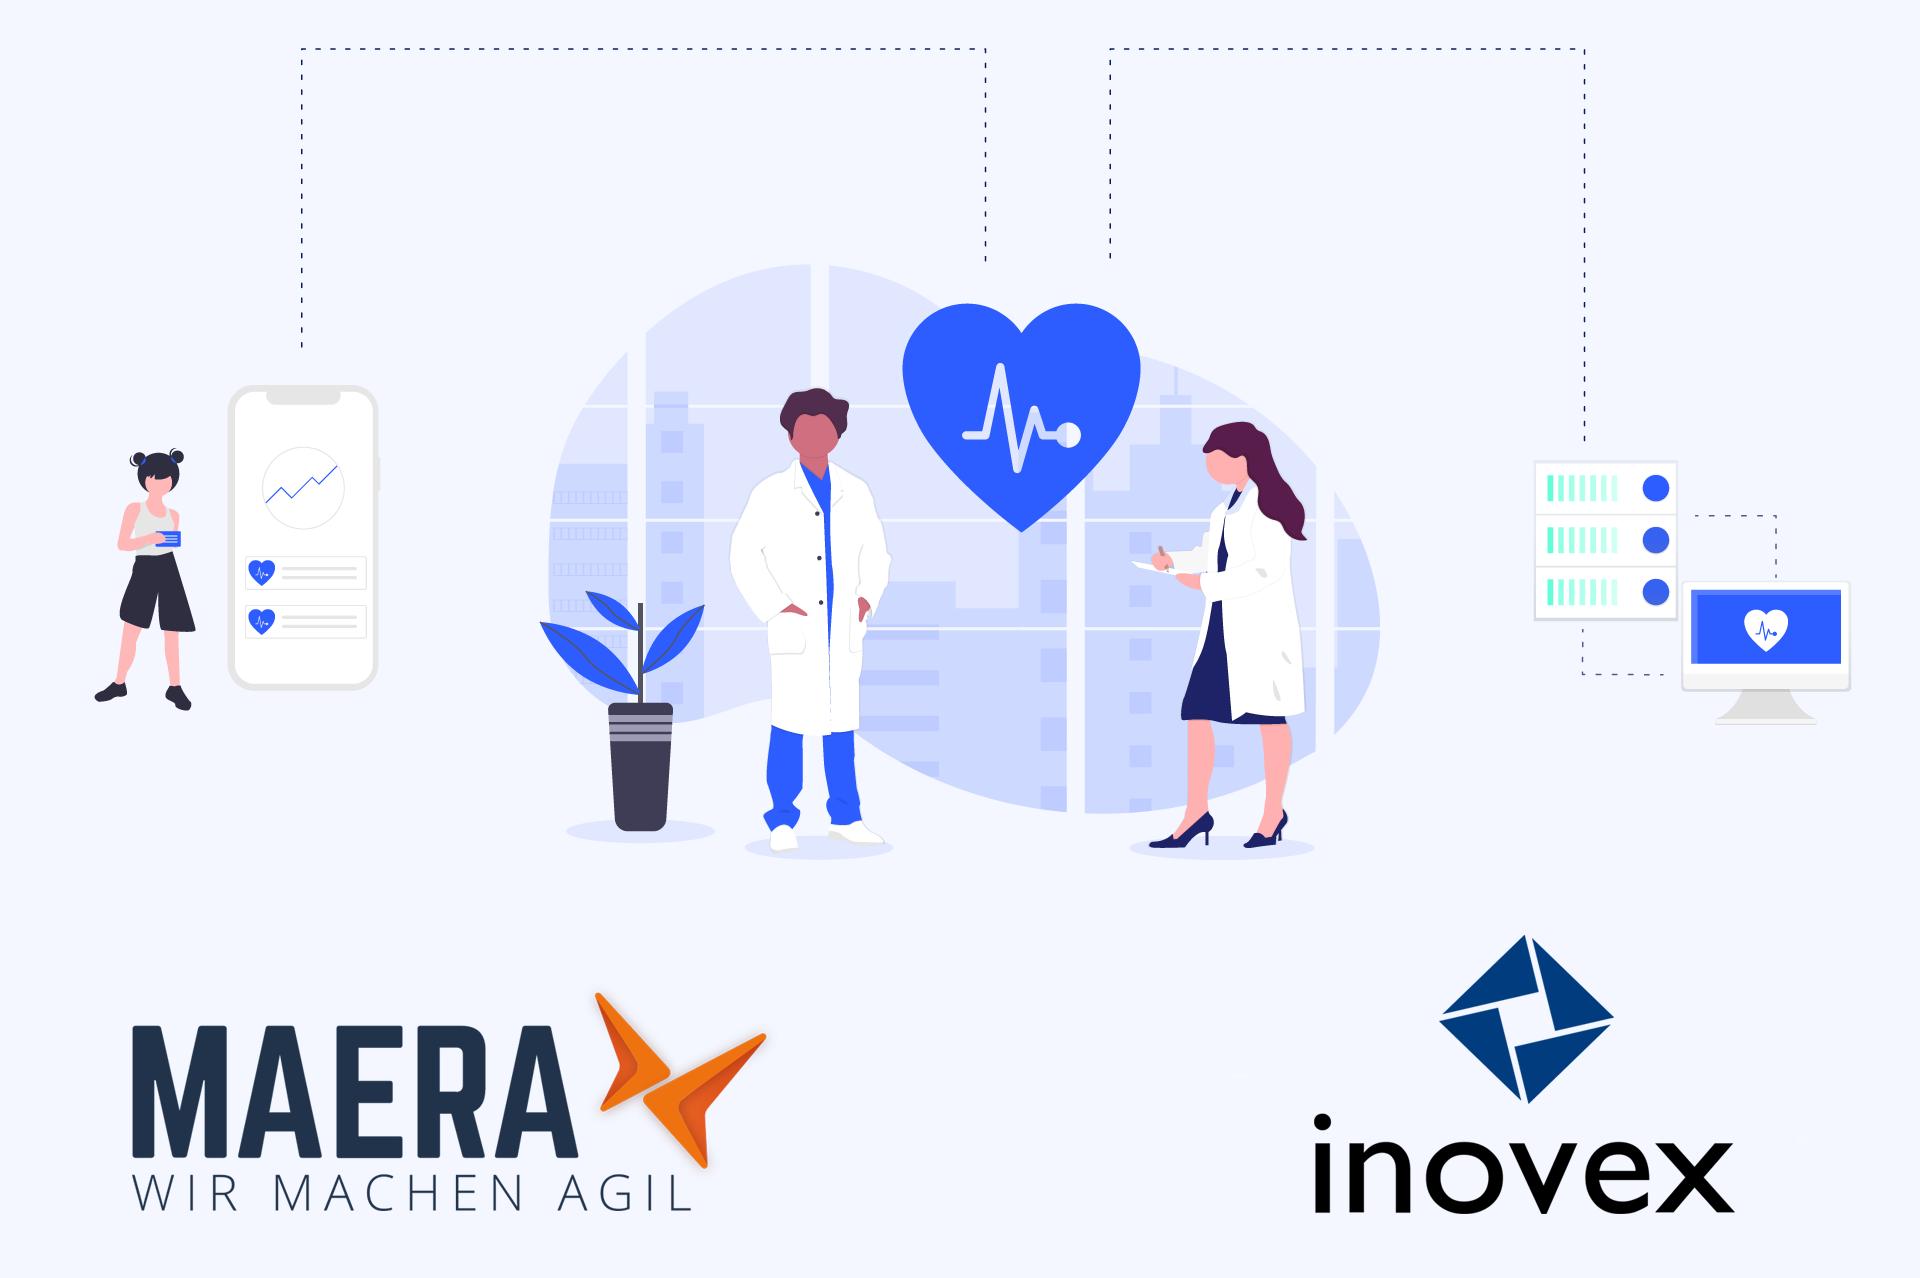 e-health meetup maera